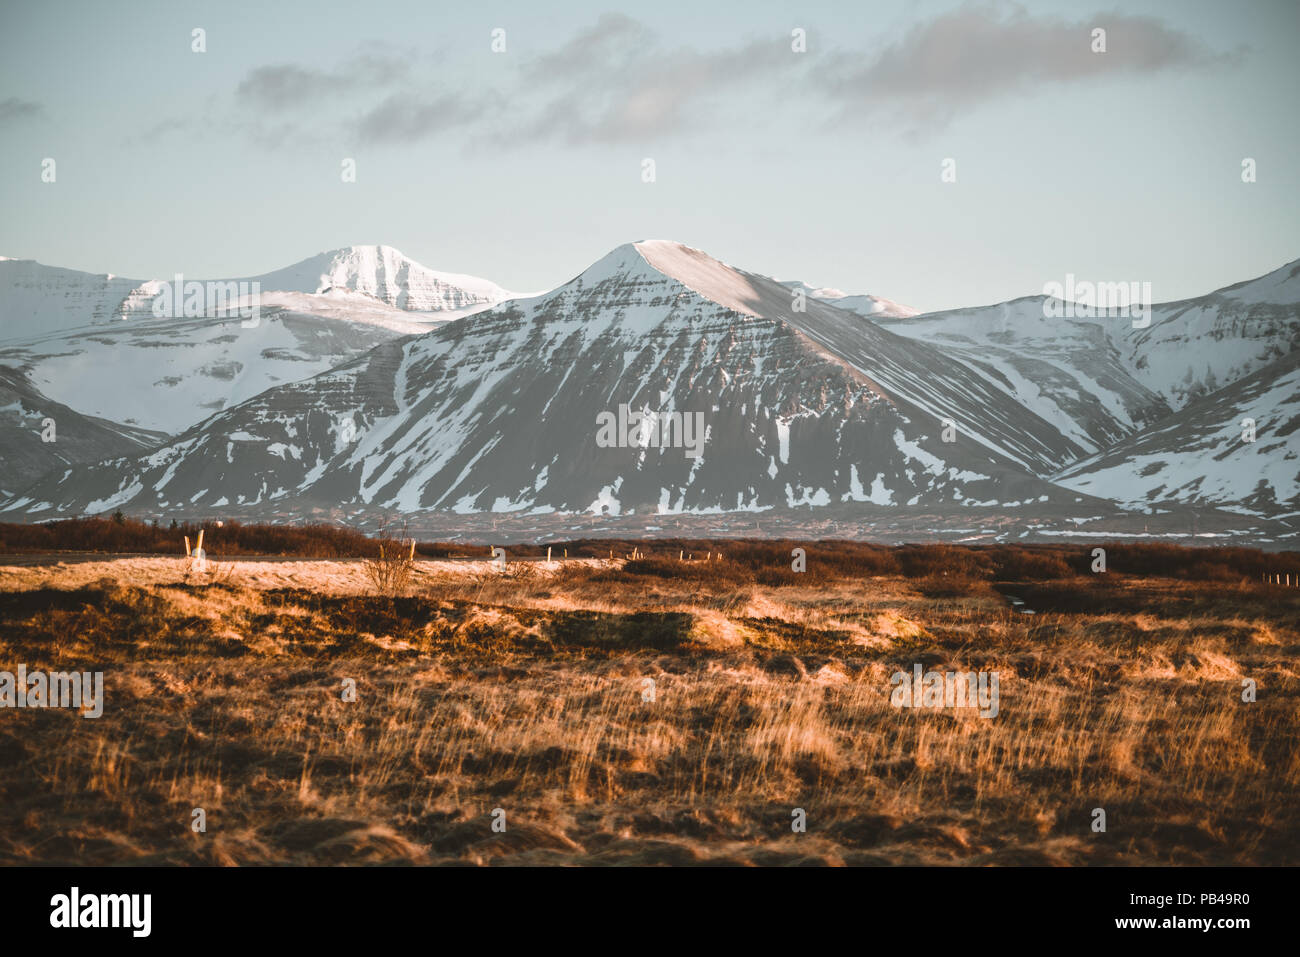 Straße Autobahn Ringstraße Nr. 1 in Island, mit Blick auf die Berge. Südliche Seite des Landes. Stockbild